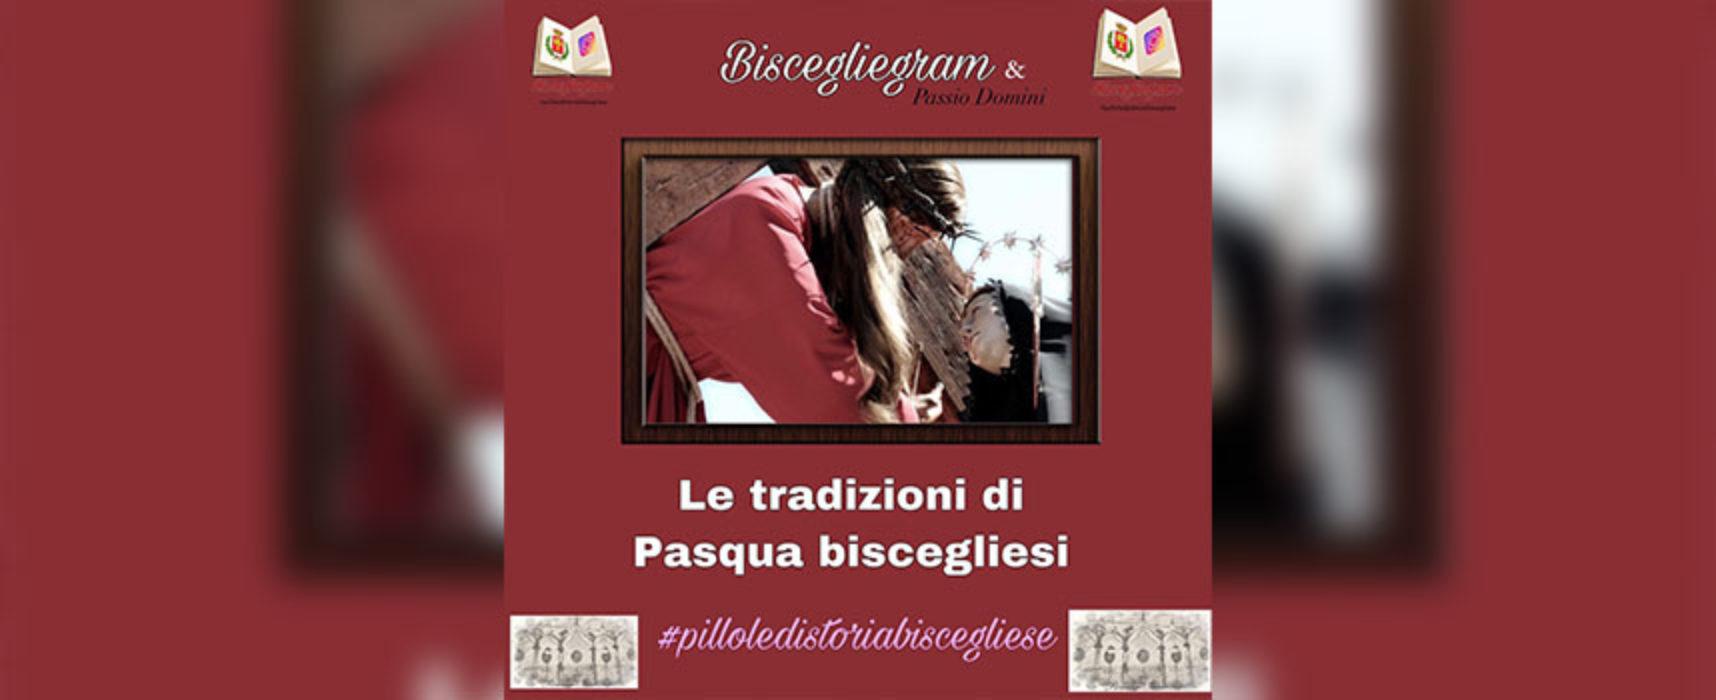 """Passio Domini: partita la challenge fotografica """"La Pasqua a Bisceglie"""""""